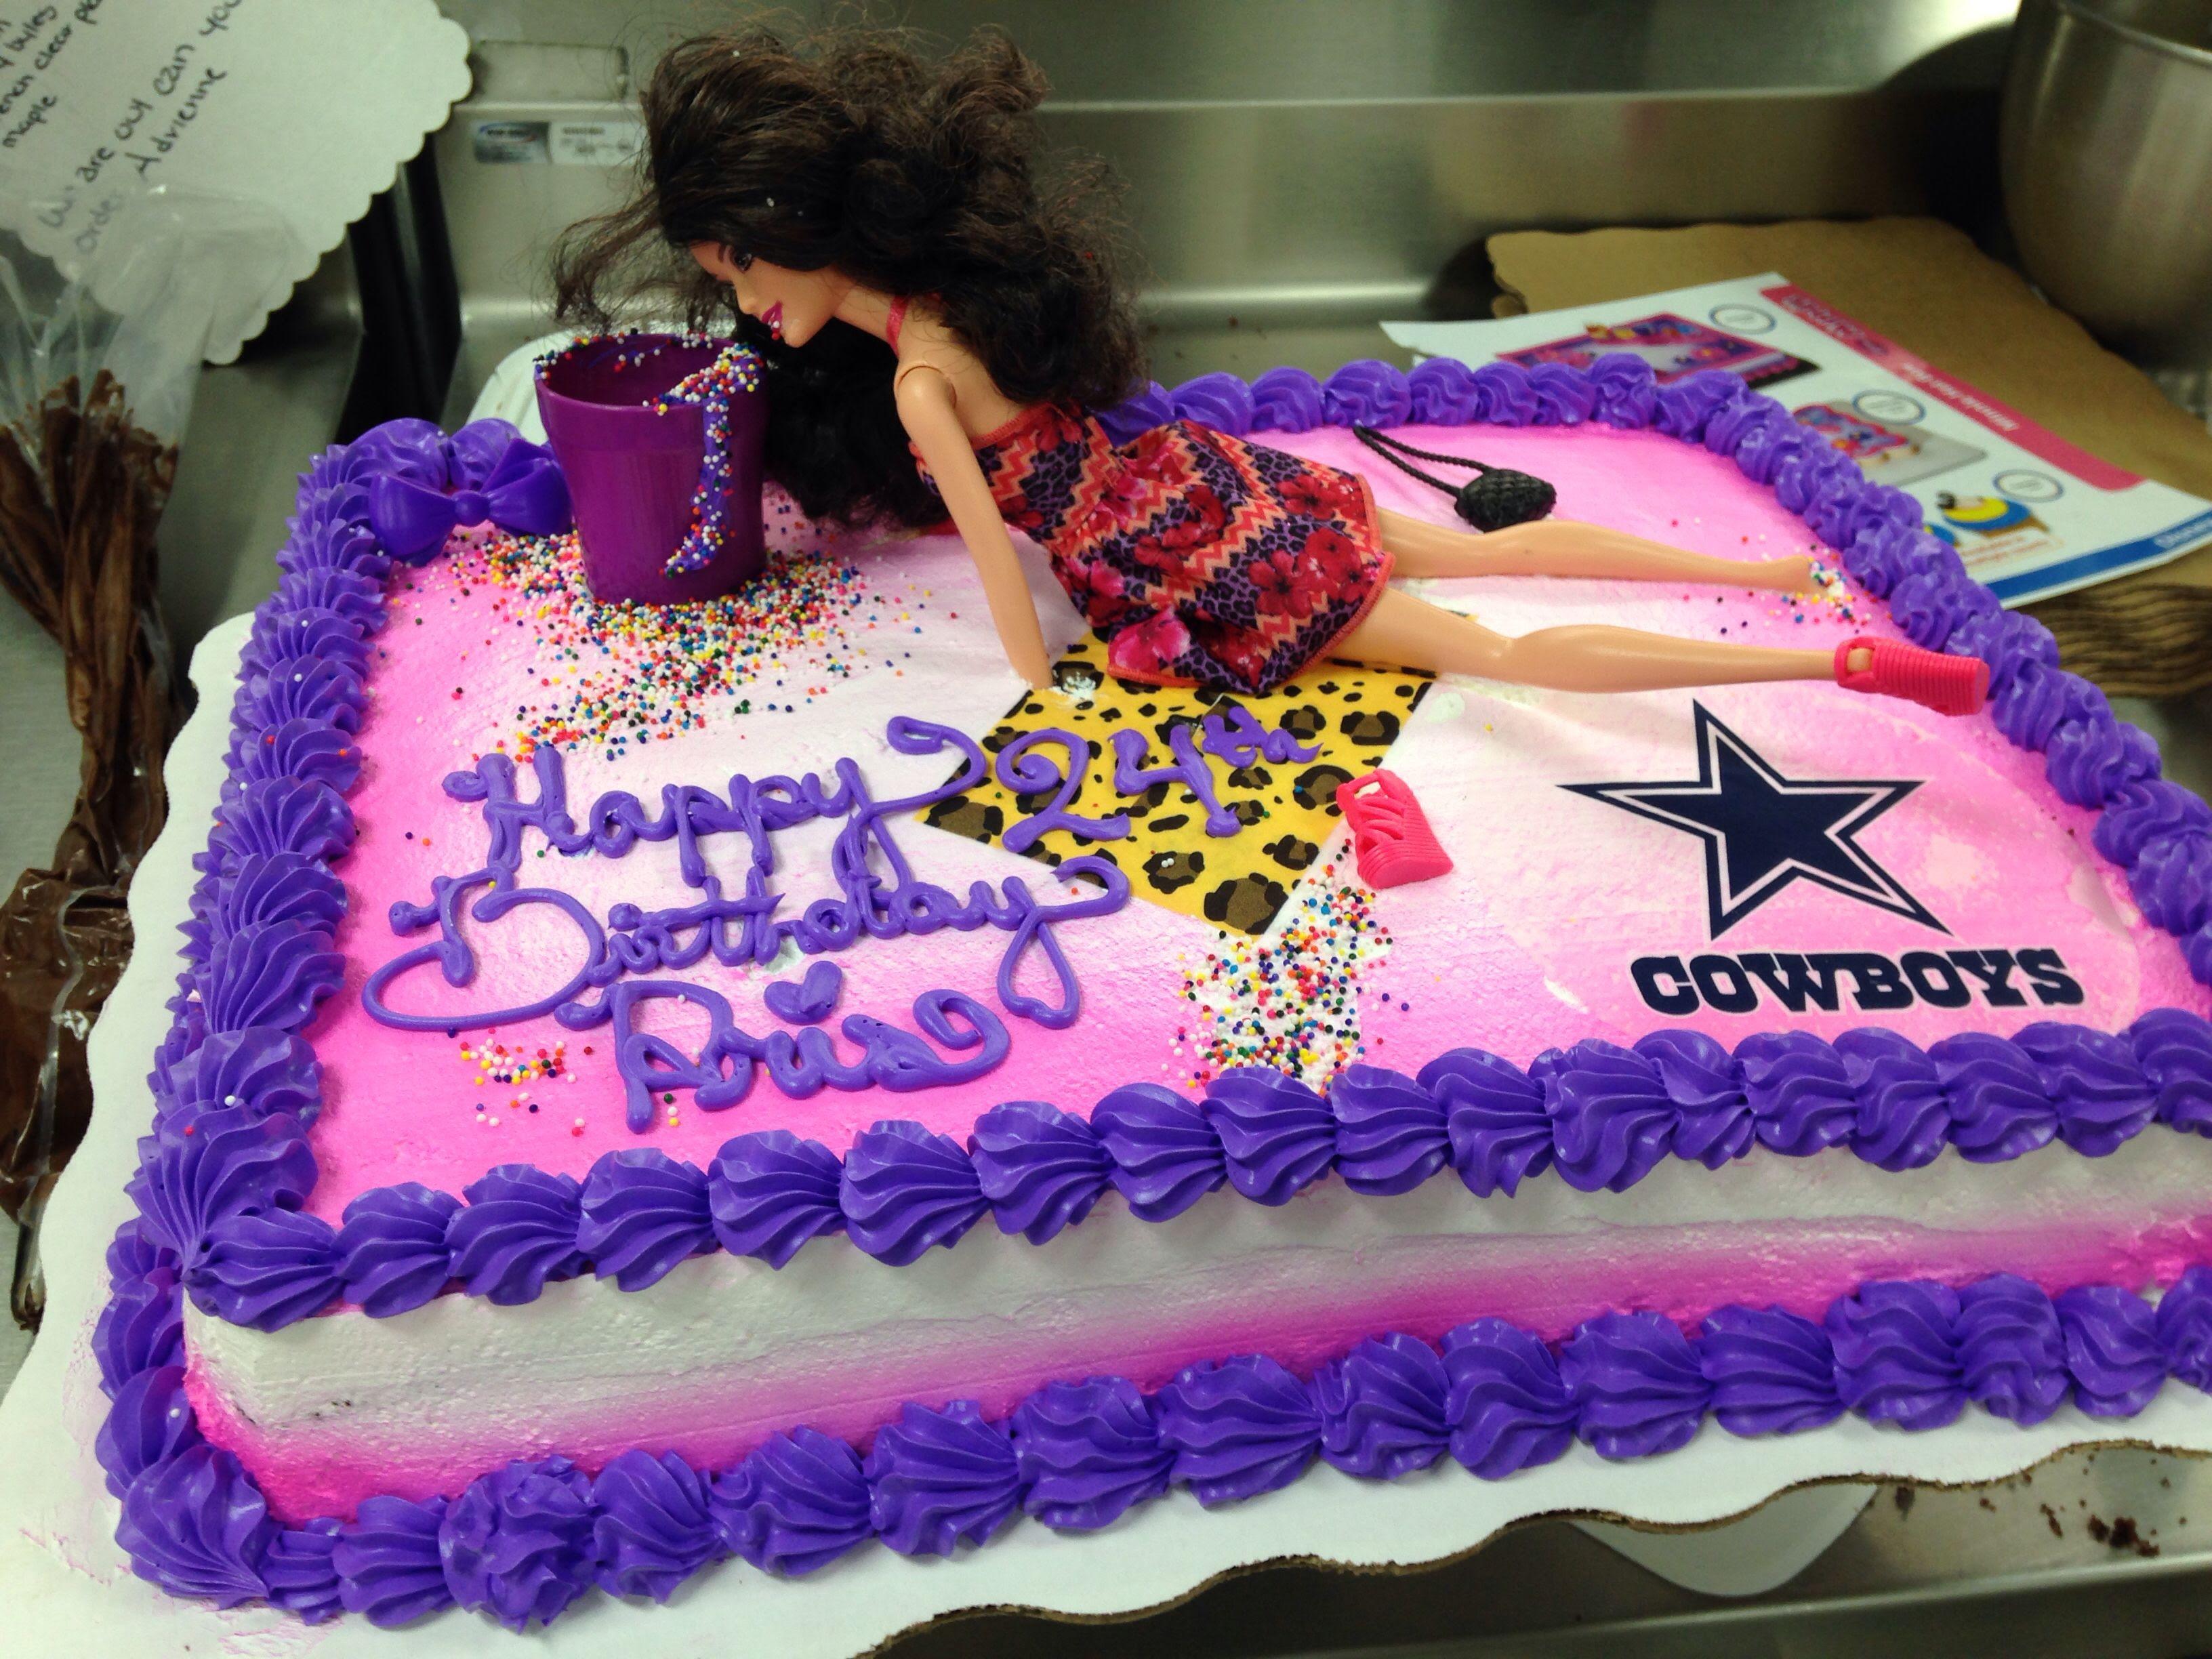 304929af537 ... Beanie Boo Birthday Party Zebra. Zebra Style Girly Birthday Cake  Walmart Bakery 20 Abby S. 32 Best Image Of Little Mermaid Birthday Cake  Walmart